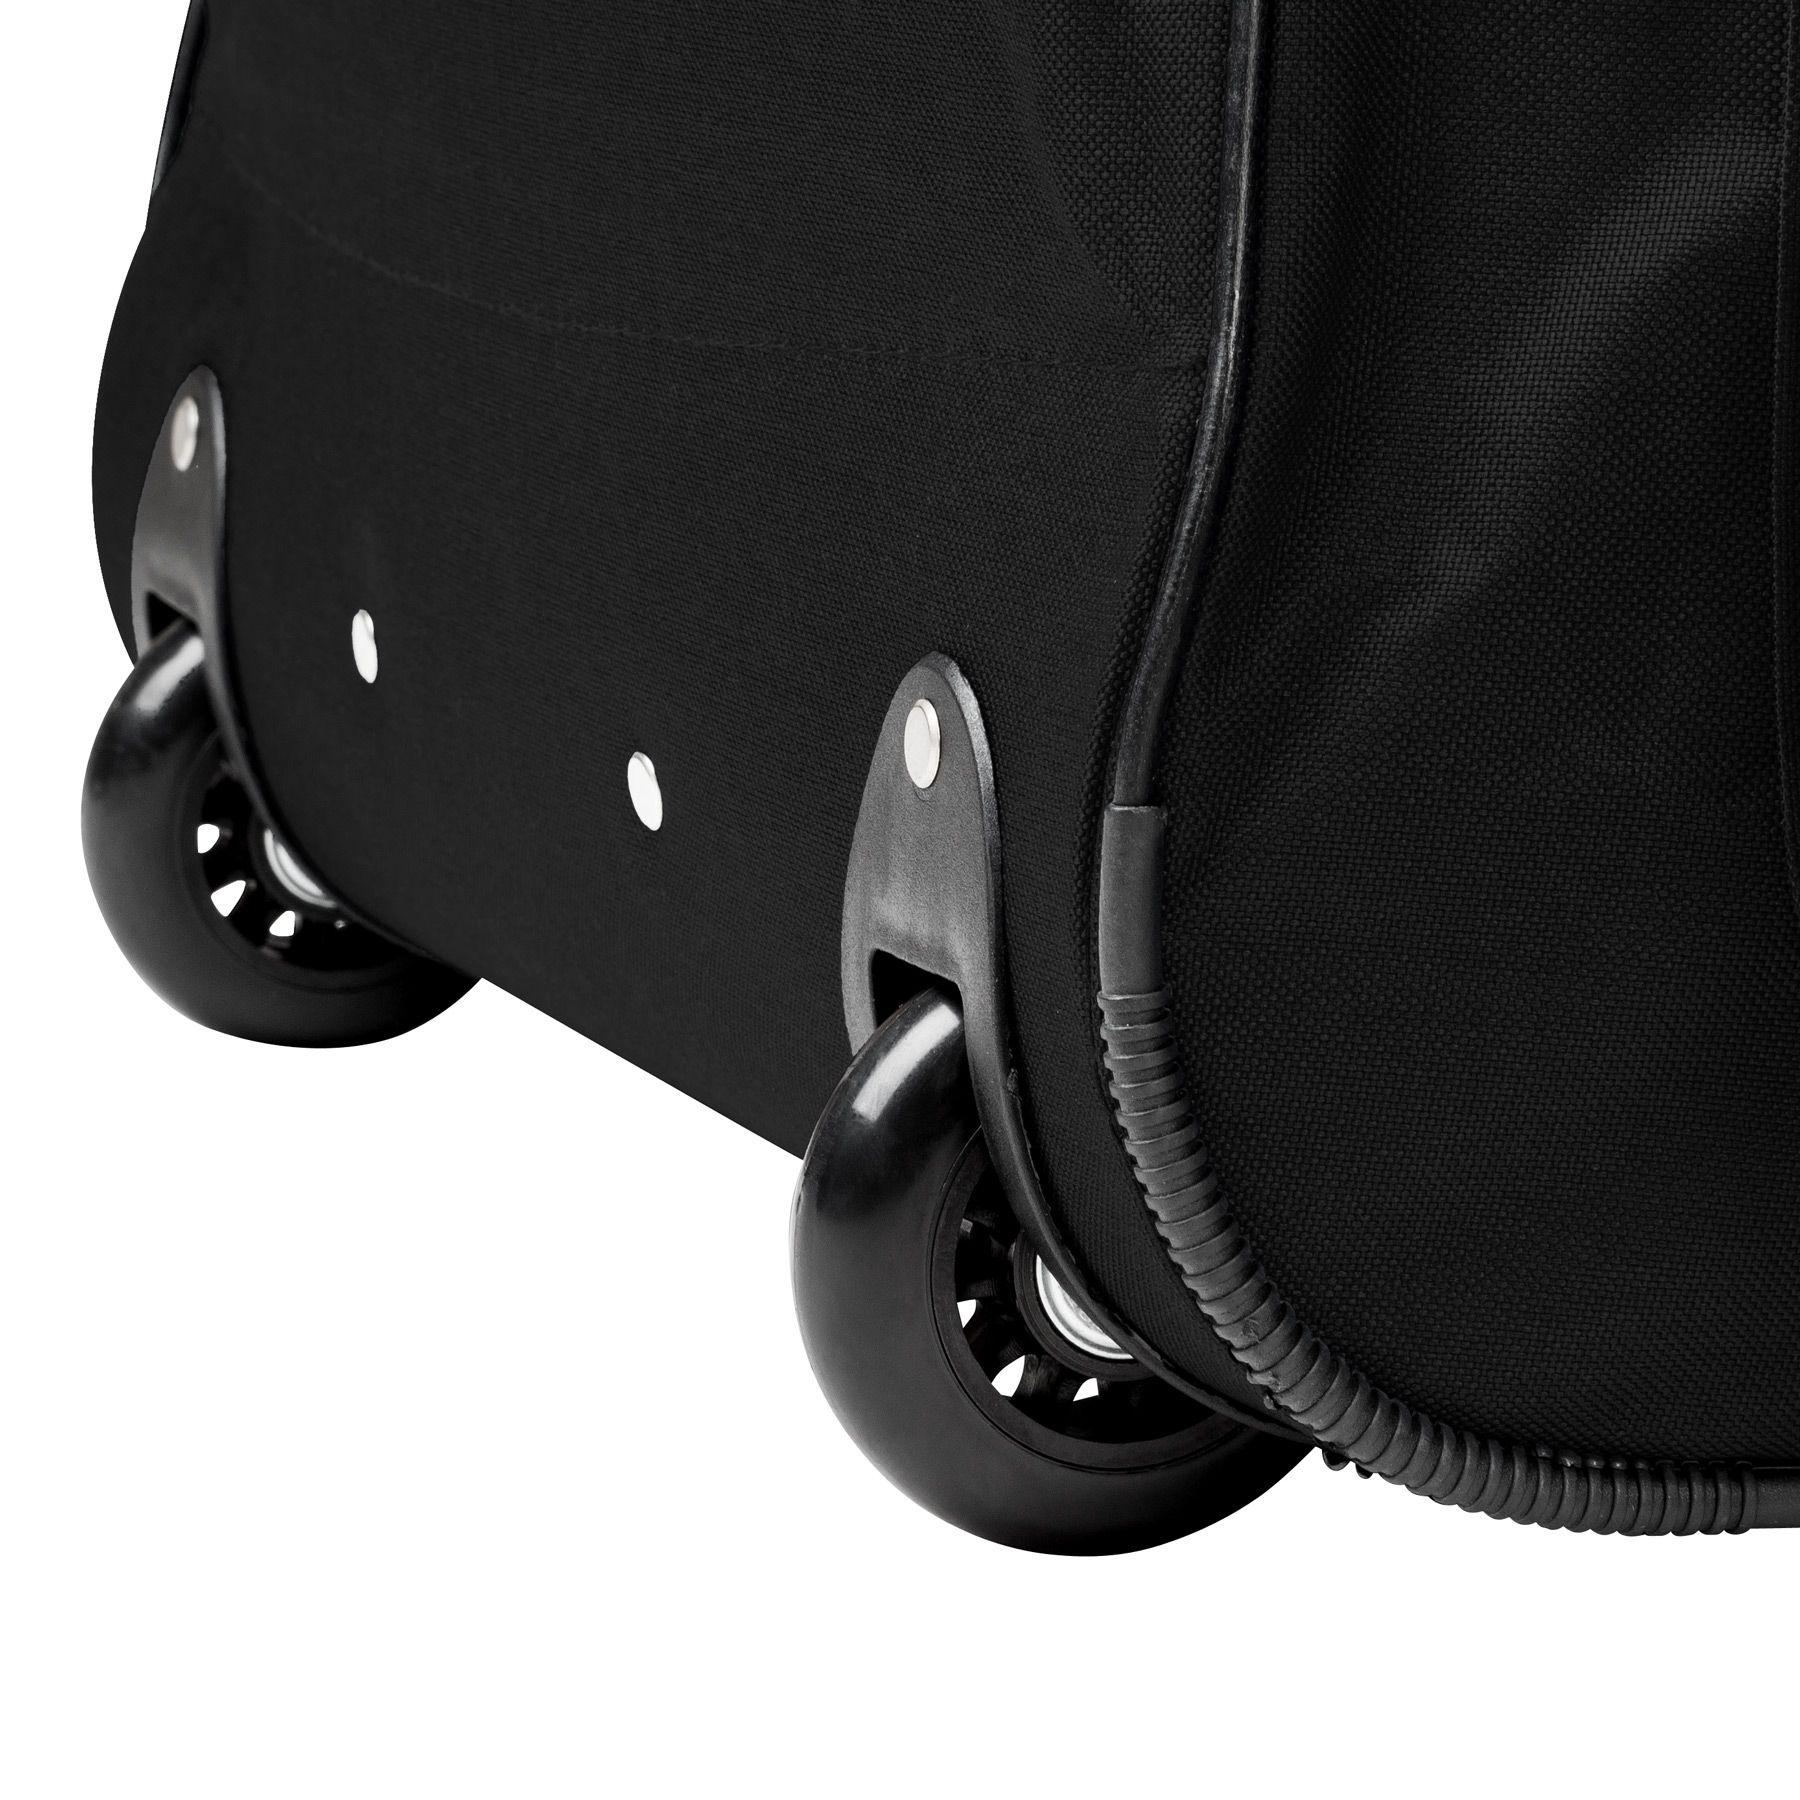 TecTake_Reisetasche_402213_7 Sac de voyage XXL valise trolley légère sport bagage à roulettes 160 litres